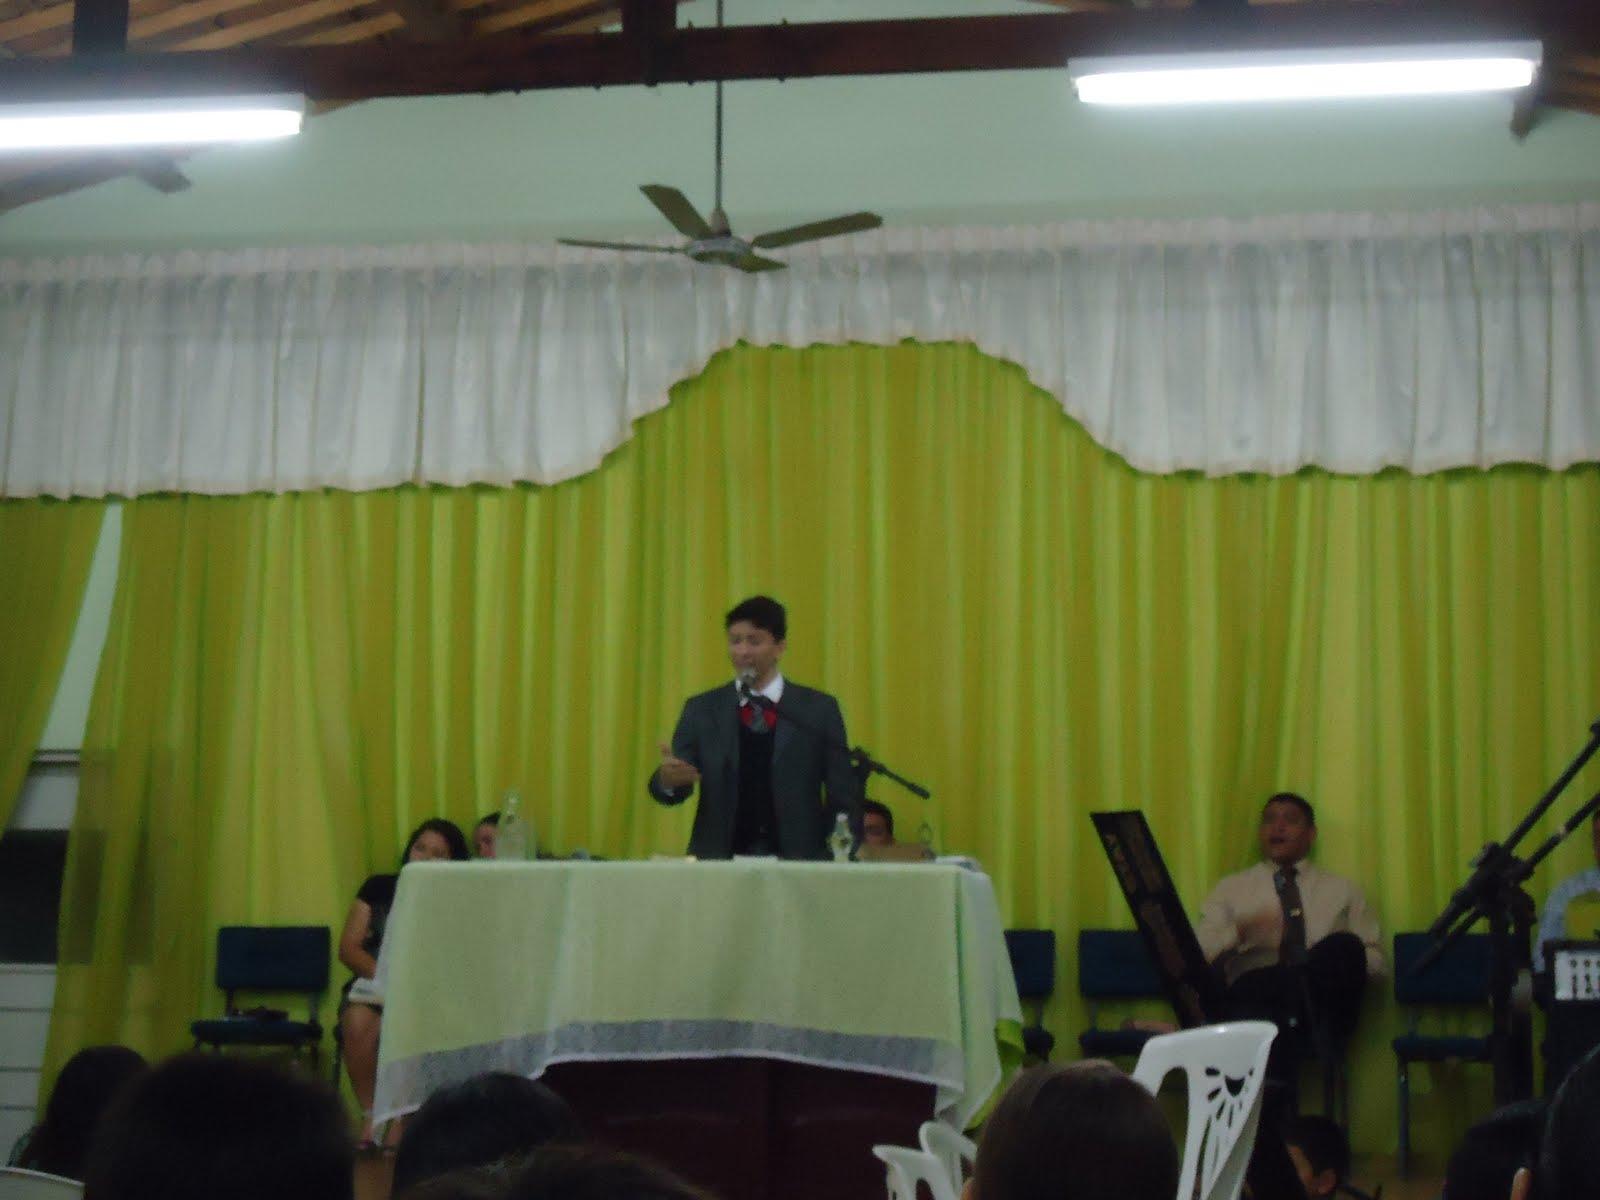 Ministrações